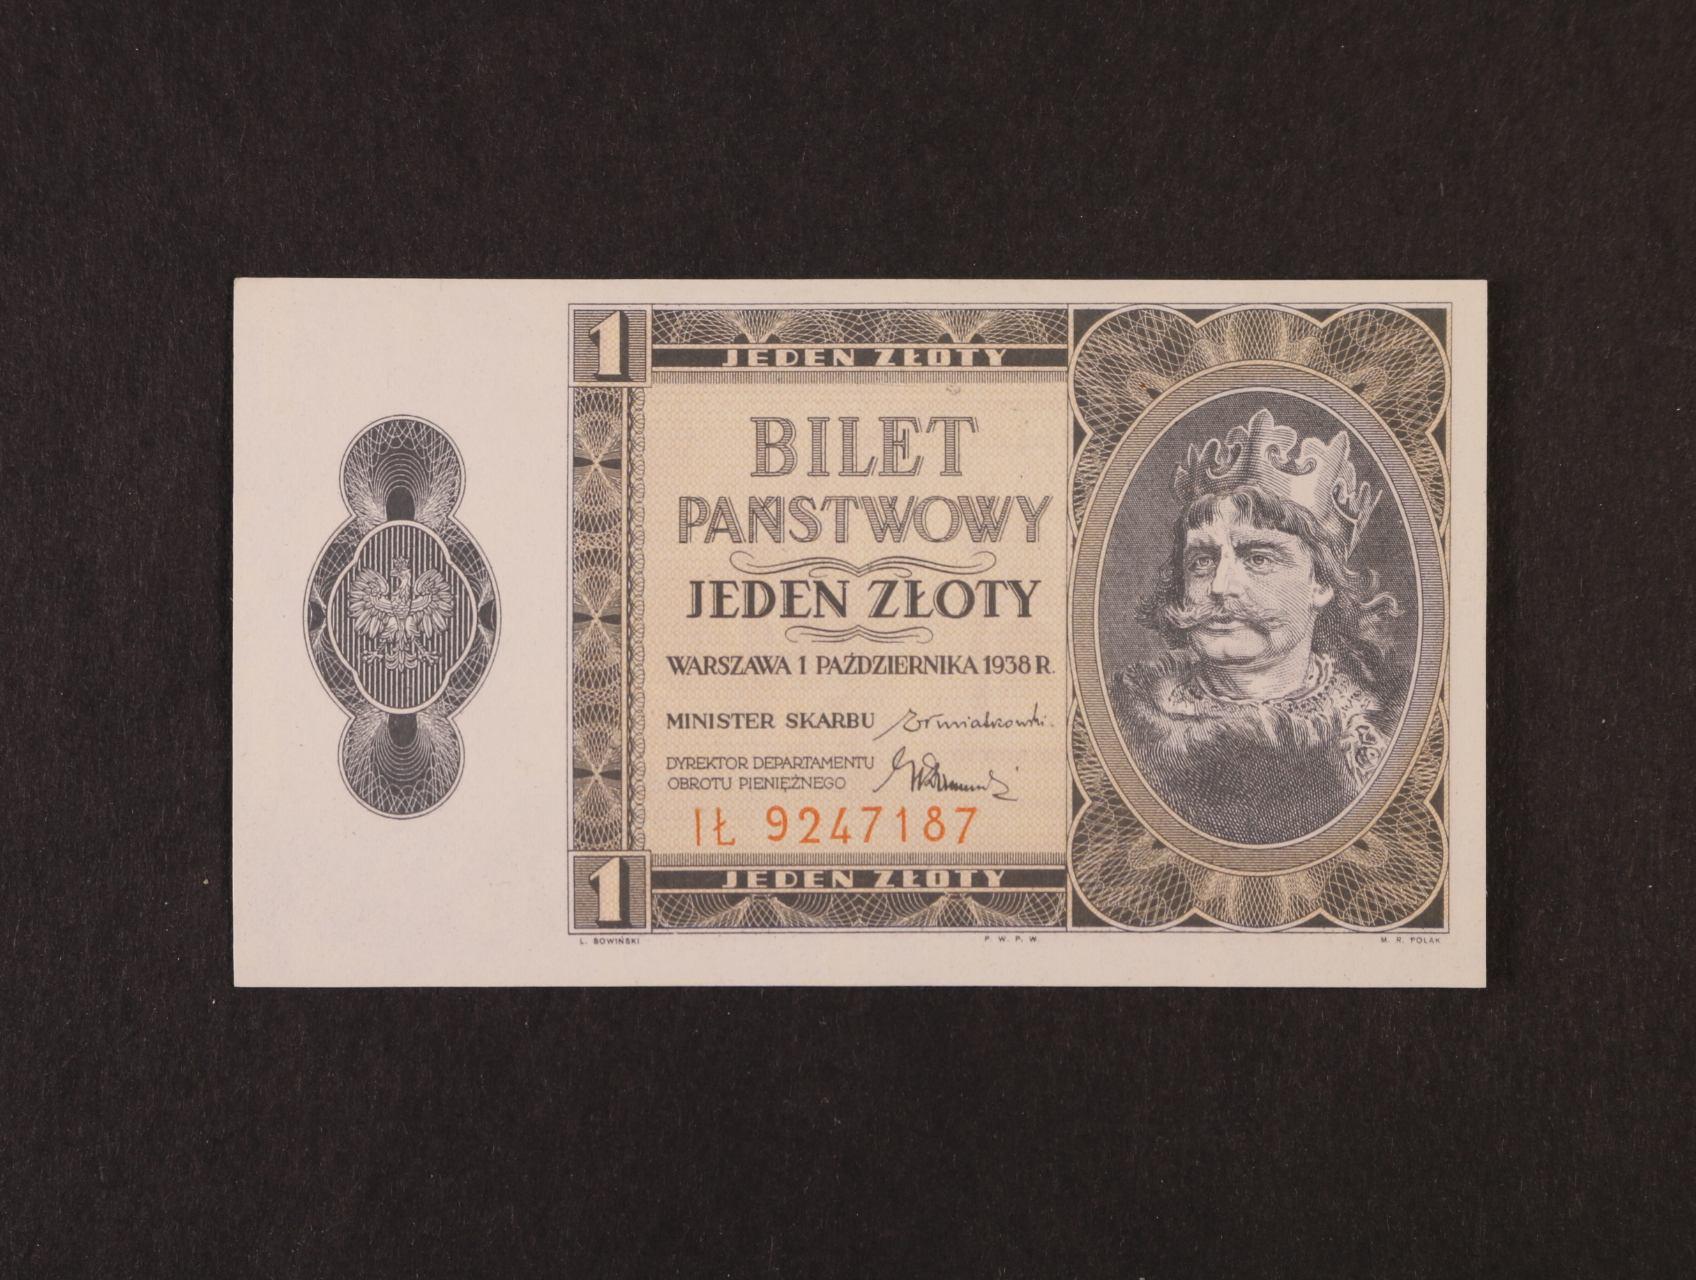 1 Zloty 1.10.1938 série IL, platná na ČS území, Pi. 50, Ba. PL1b